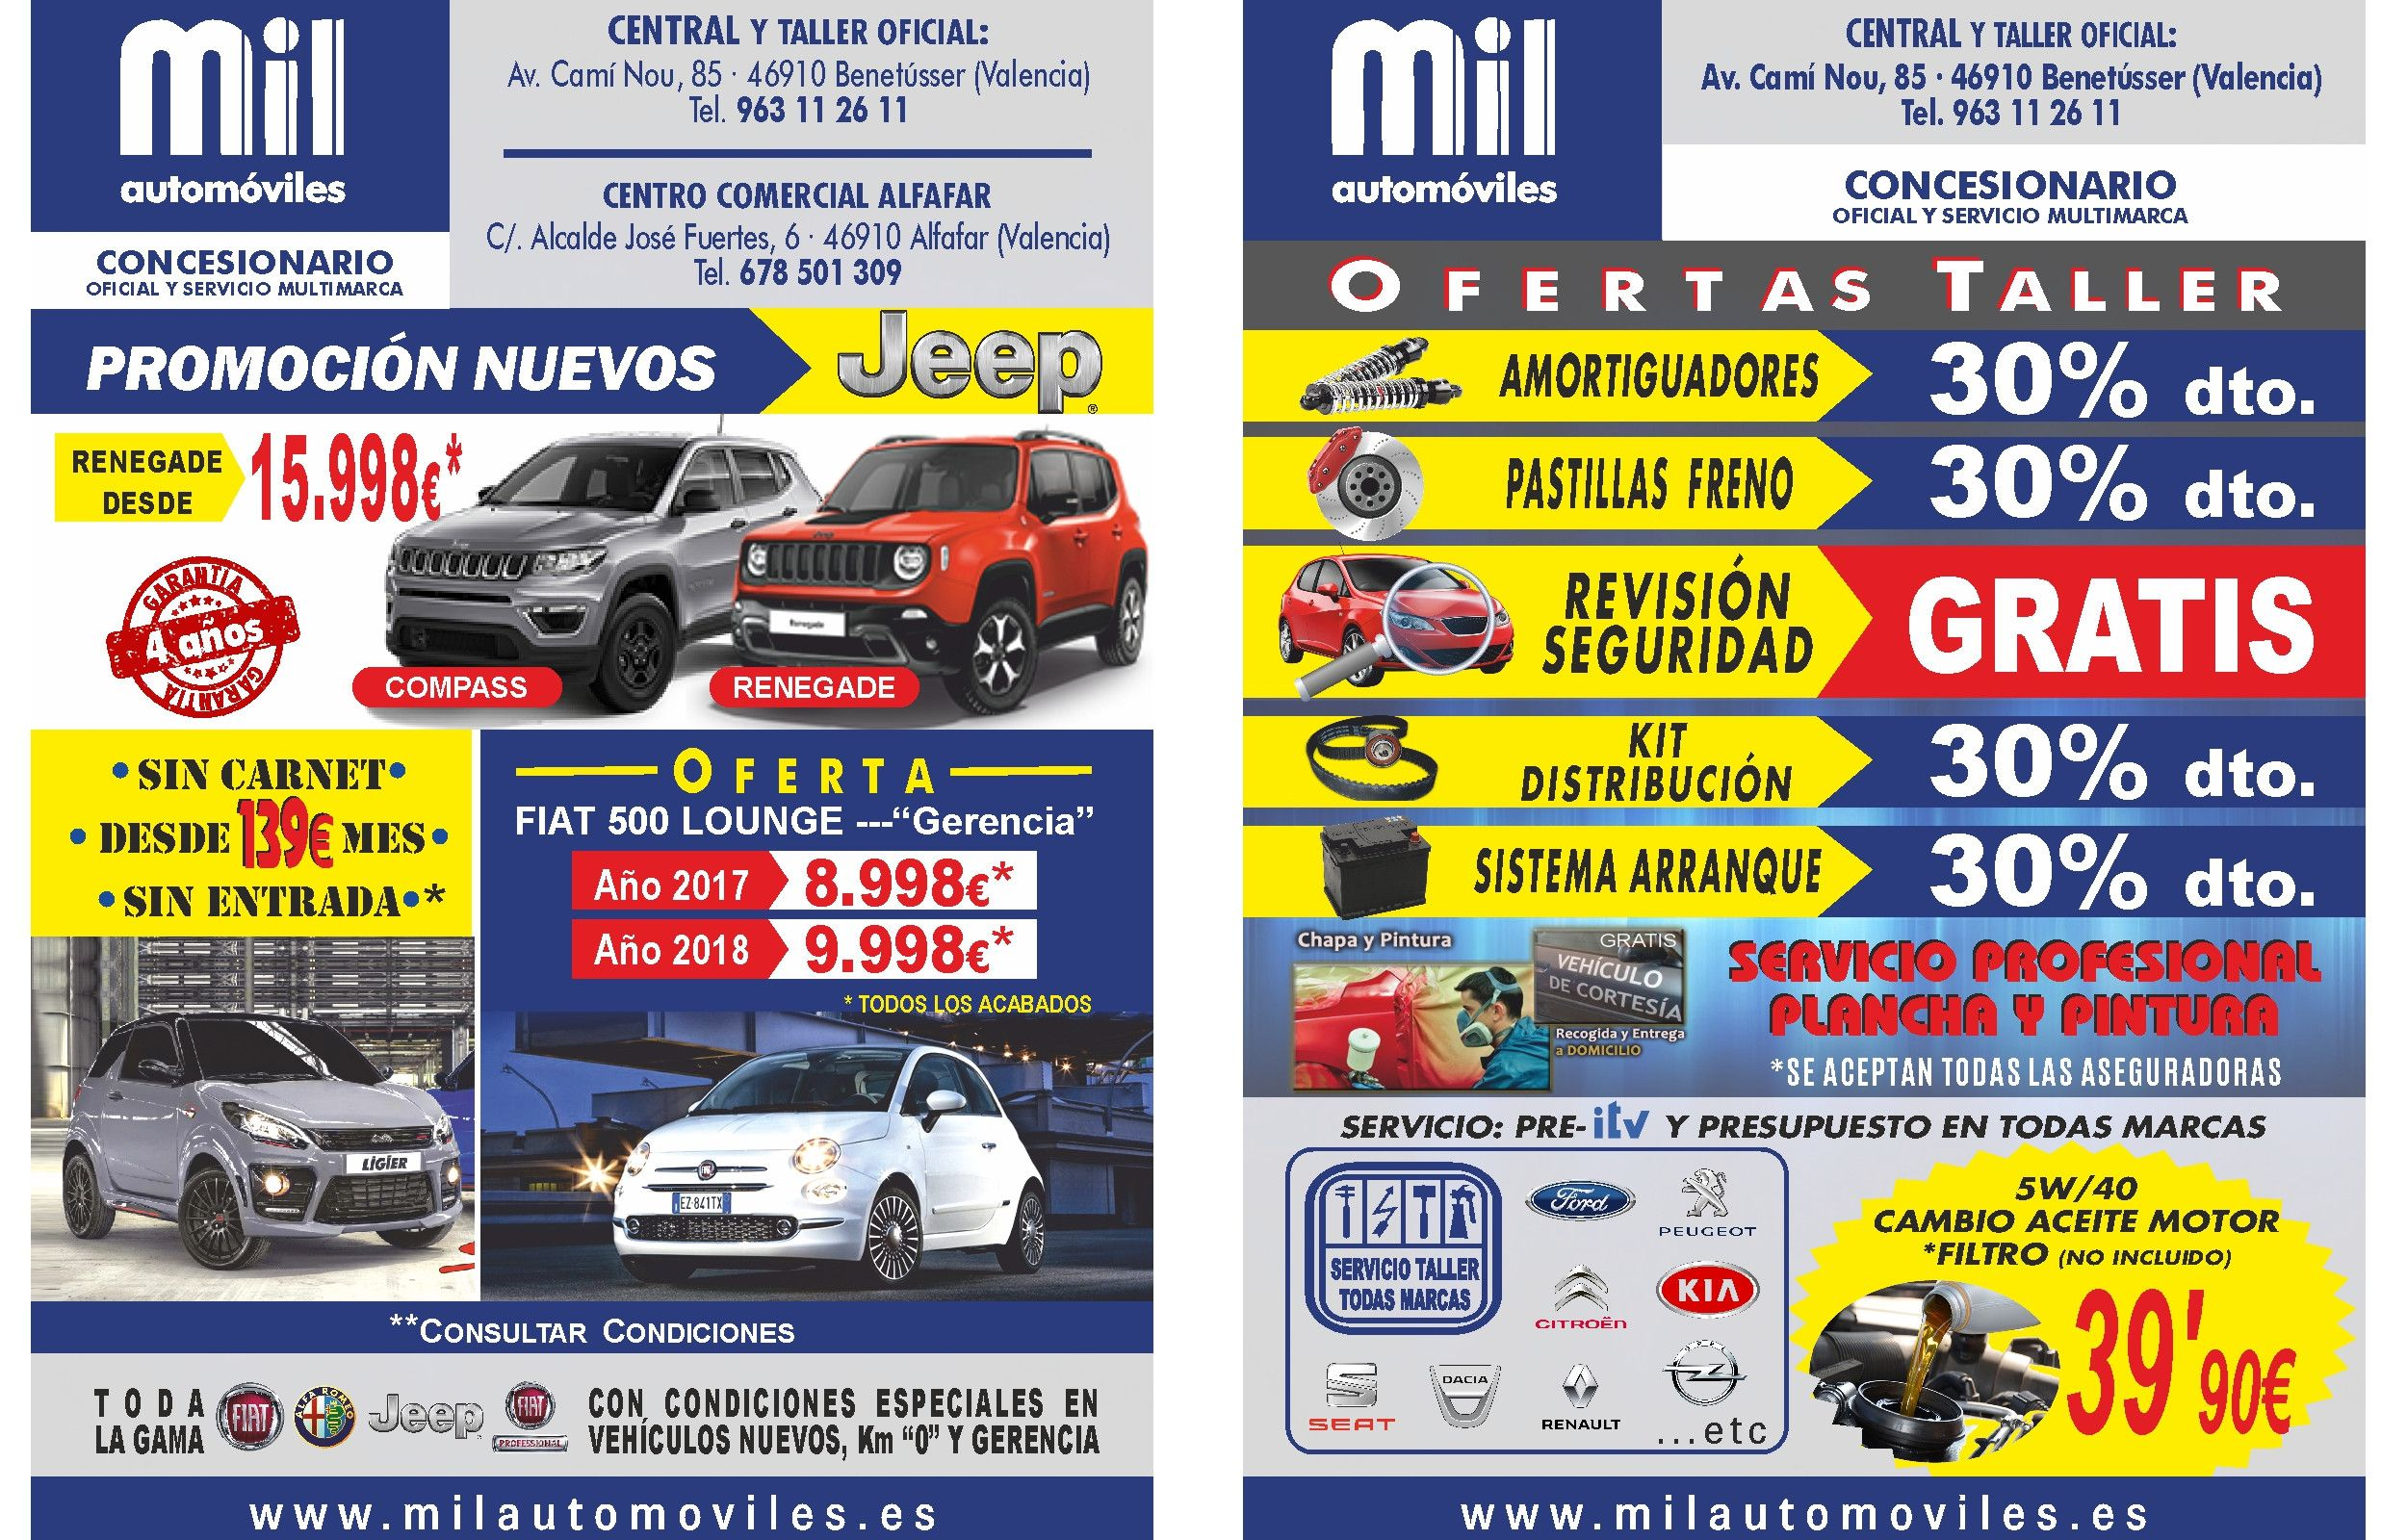 Promociones Vehículos Nuevos y Ofertas de taller